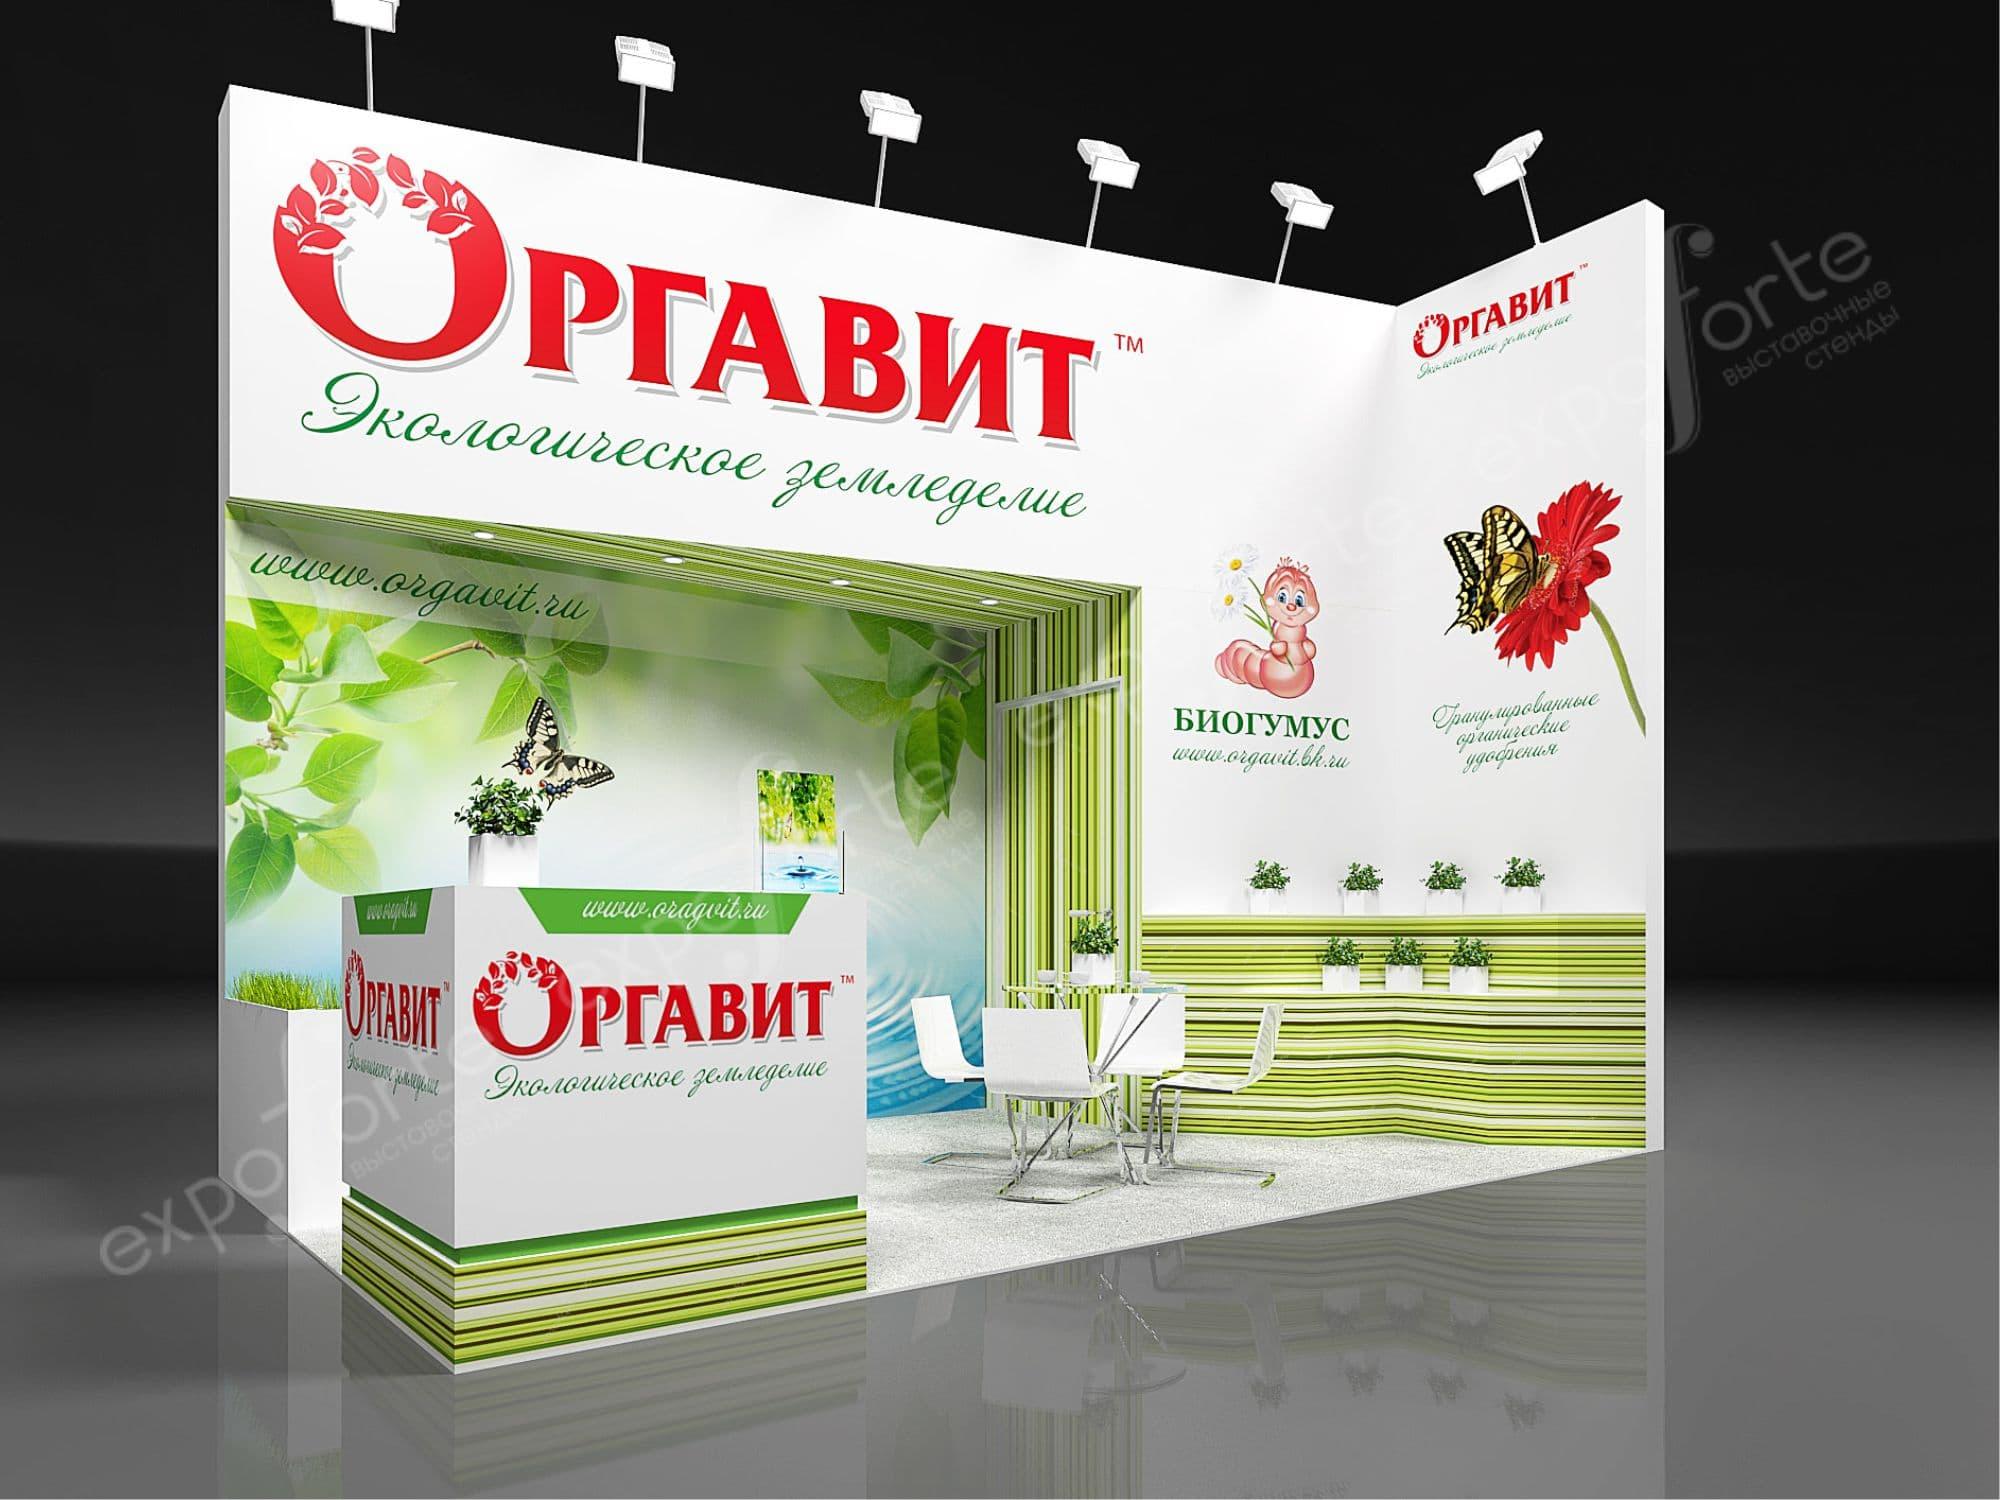 Фото: ОРГАВИТ, выставка ЦВЕТЫ – картинка 2